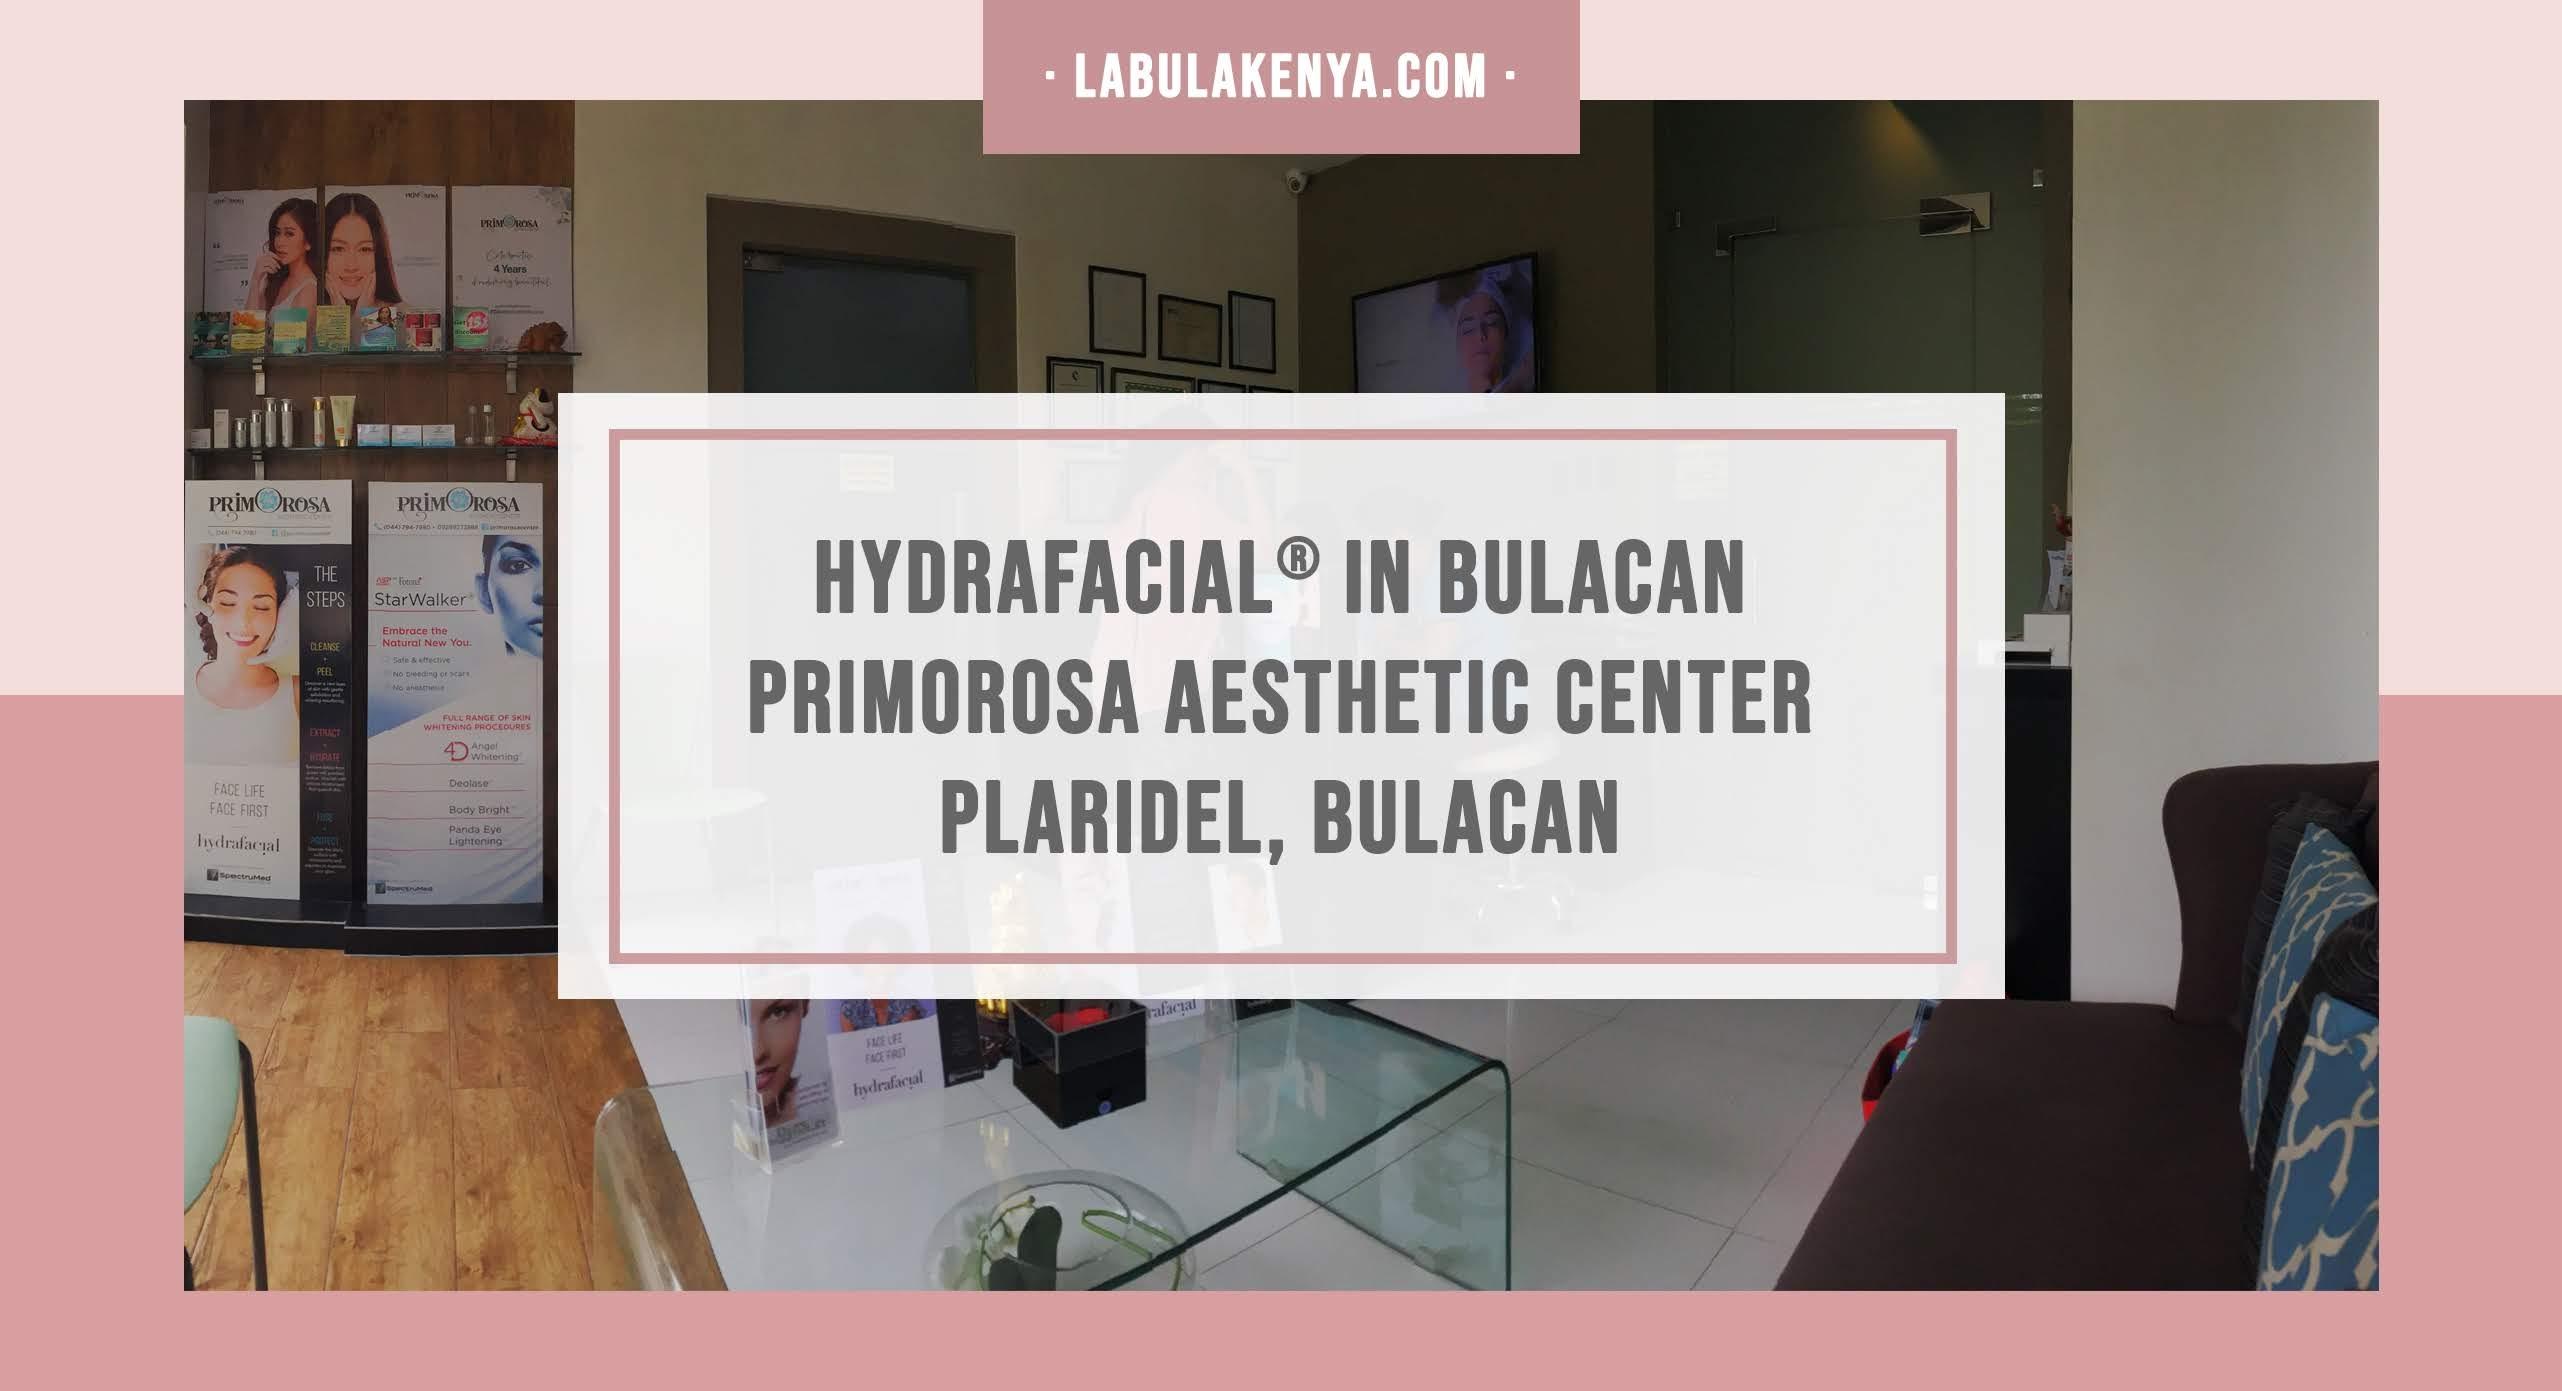 Hydrafacial Bulacan